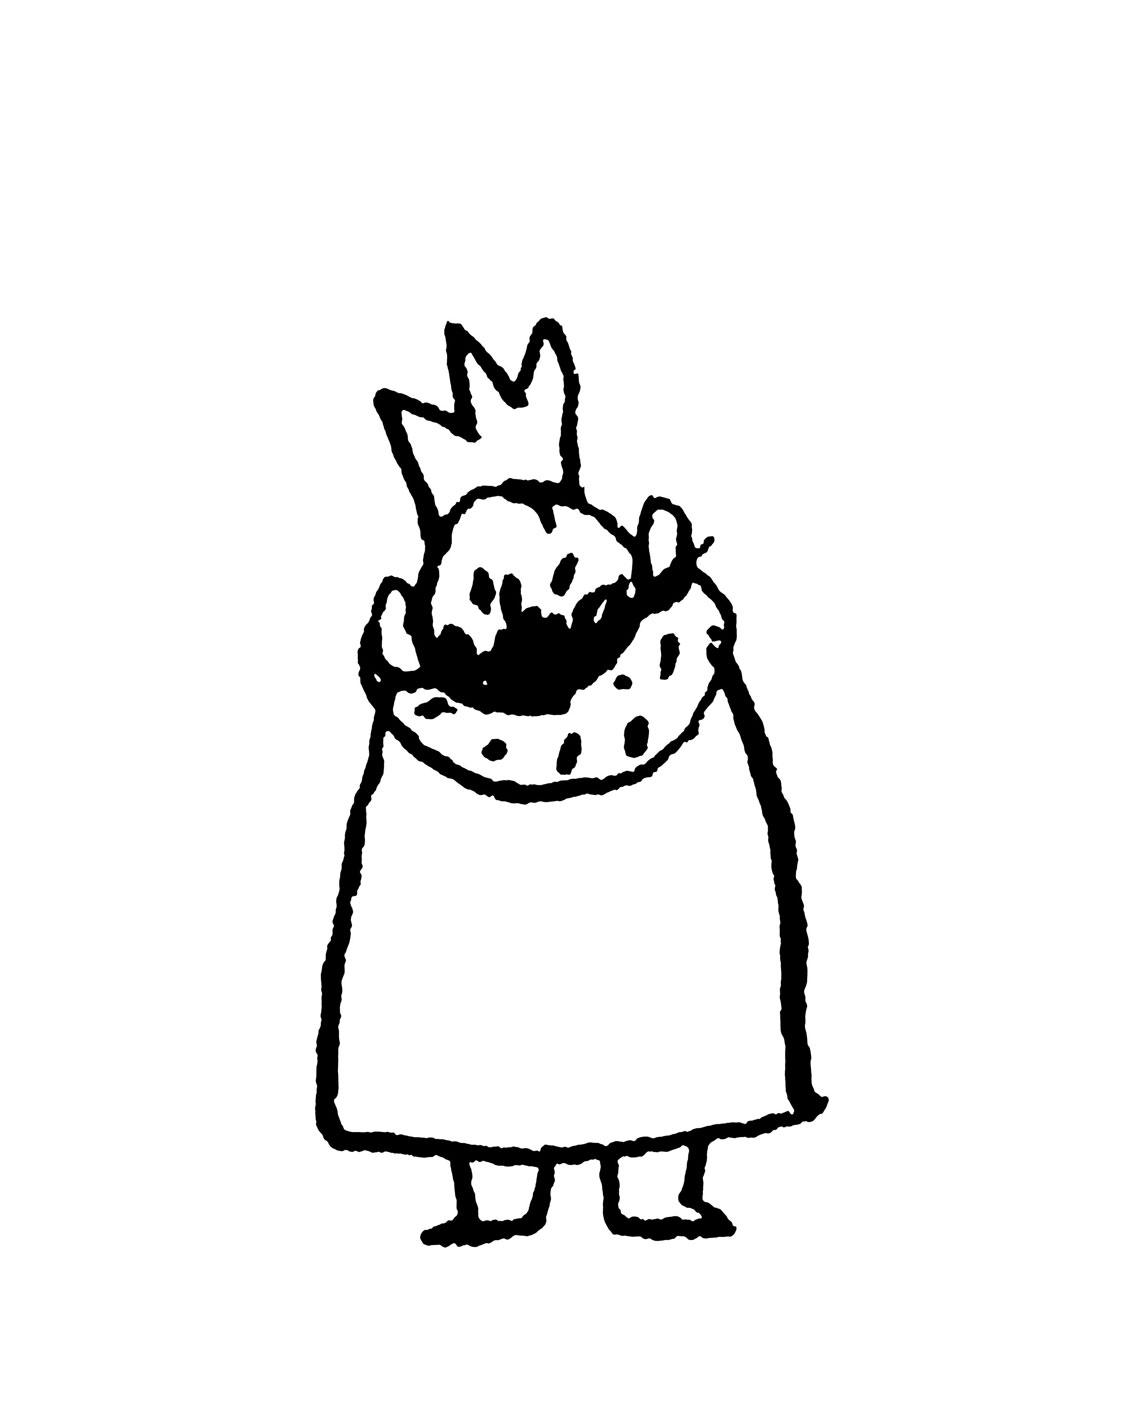 Roi | Aki | Roi